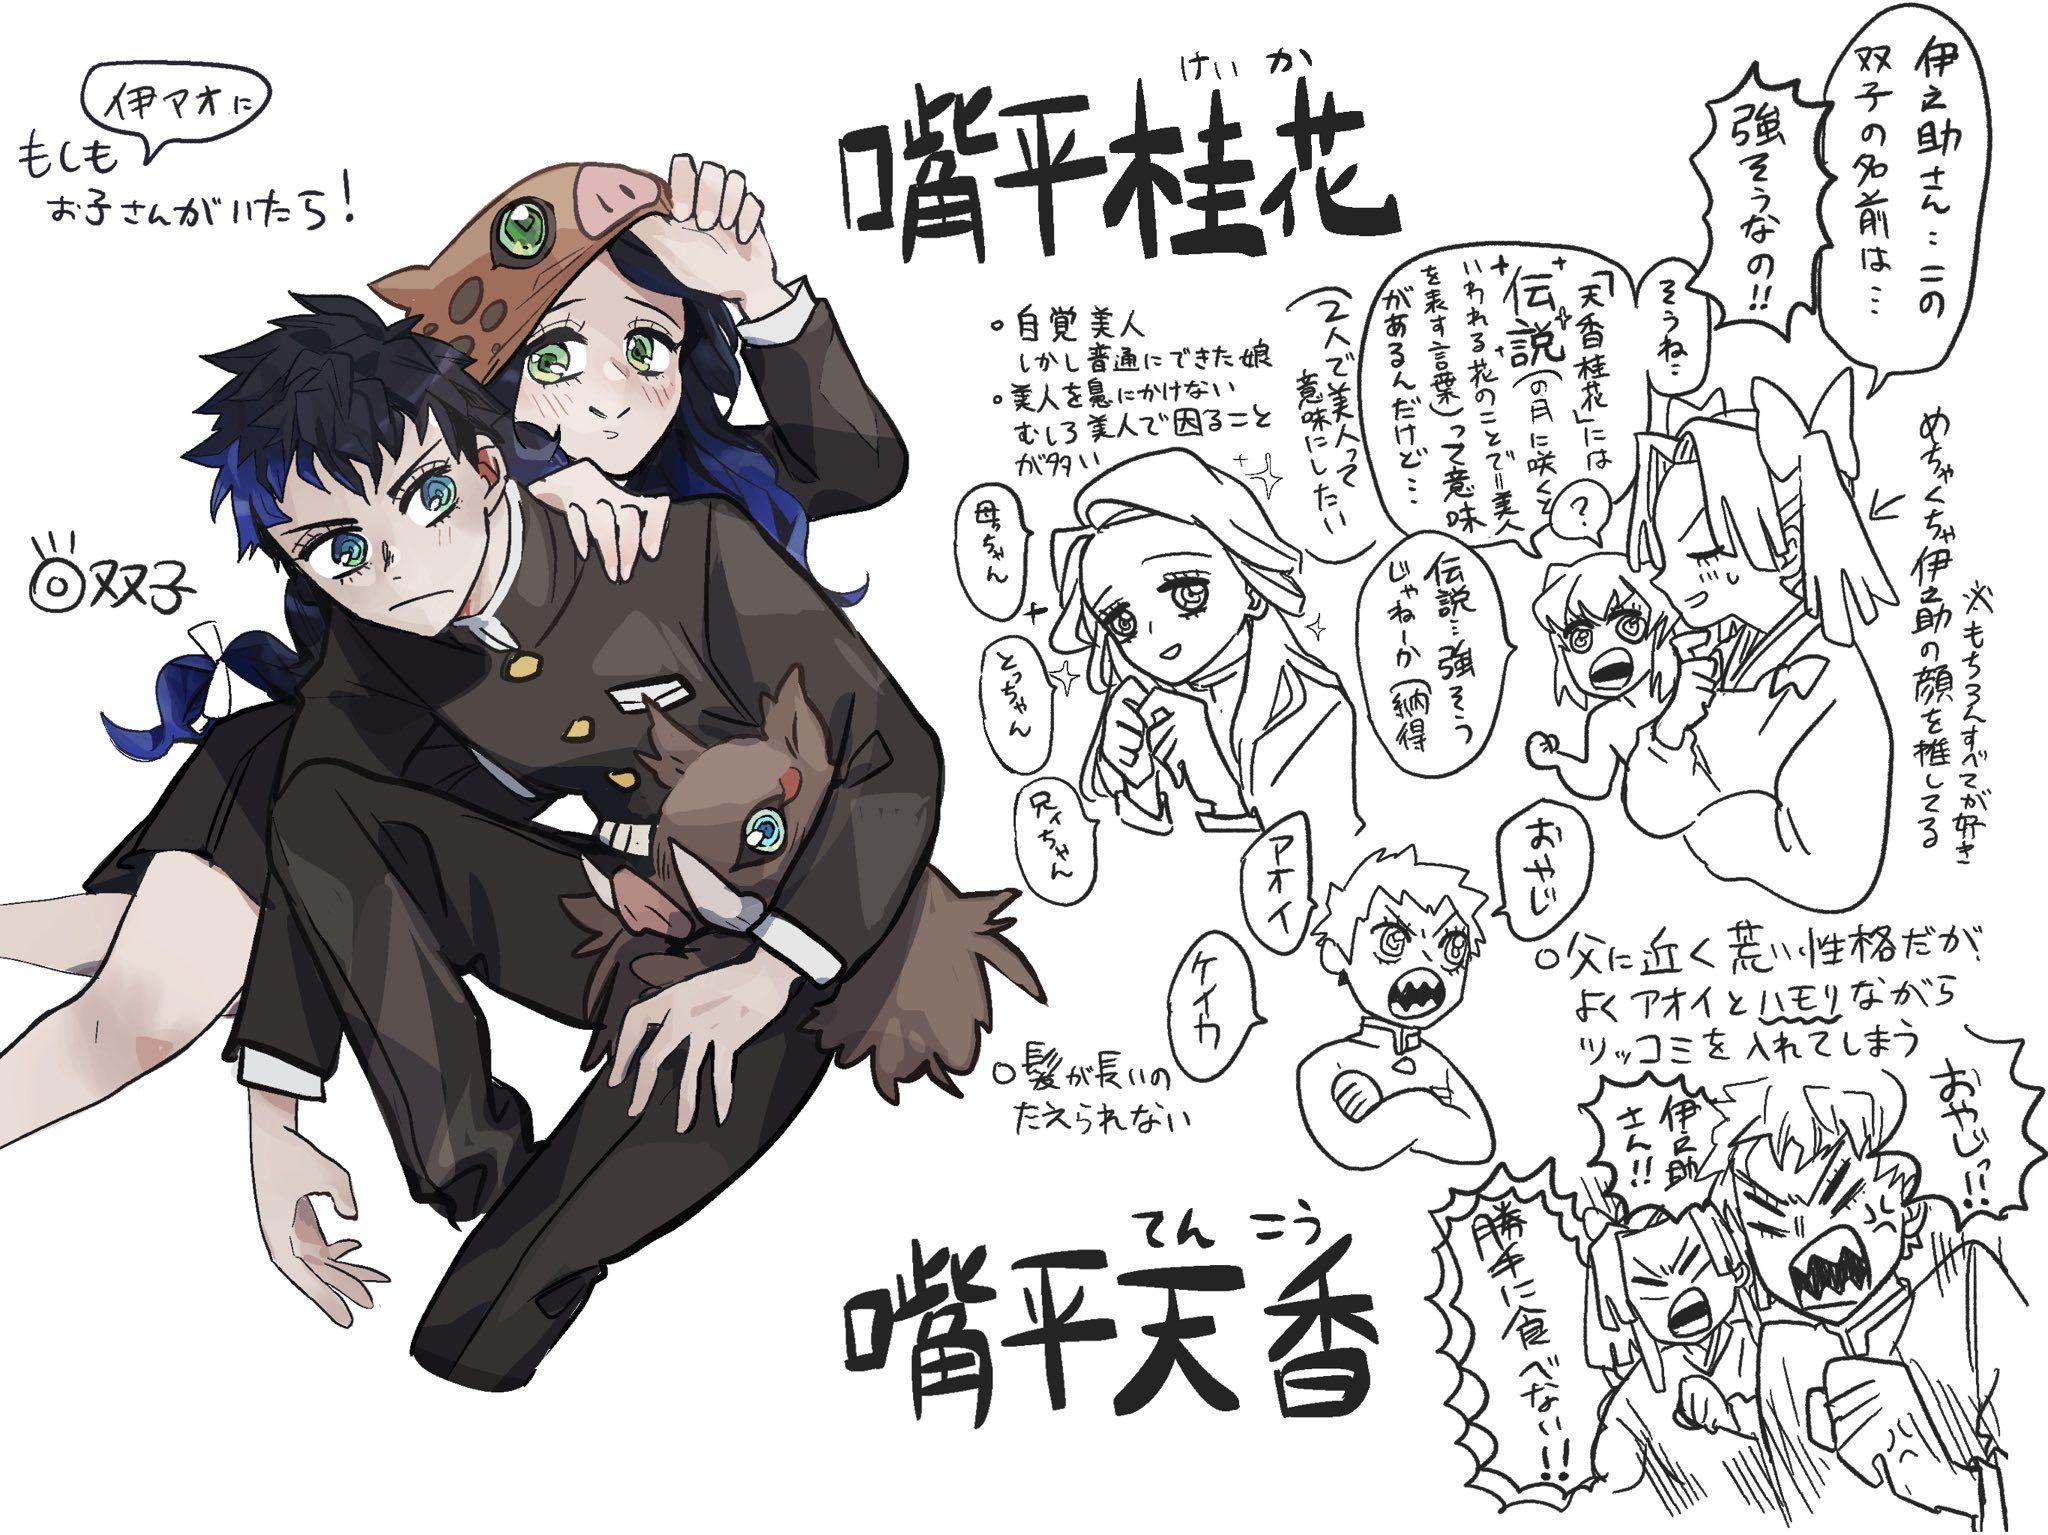 Twitter【2020】 面白いイラスト, オリジナル 漫画, カワイイアニメ